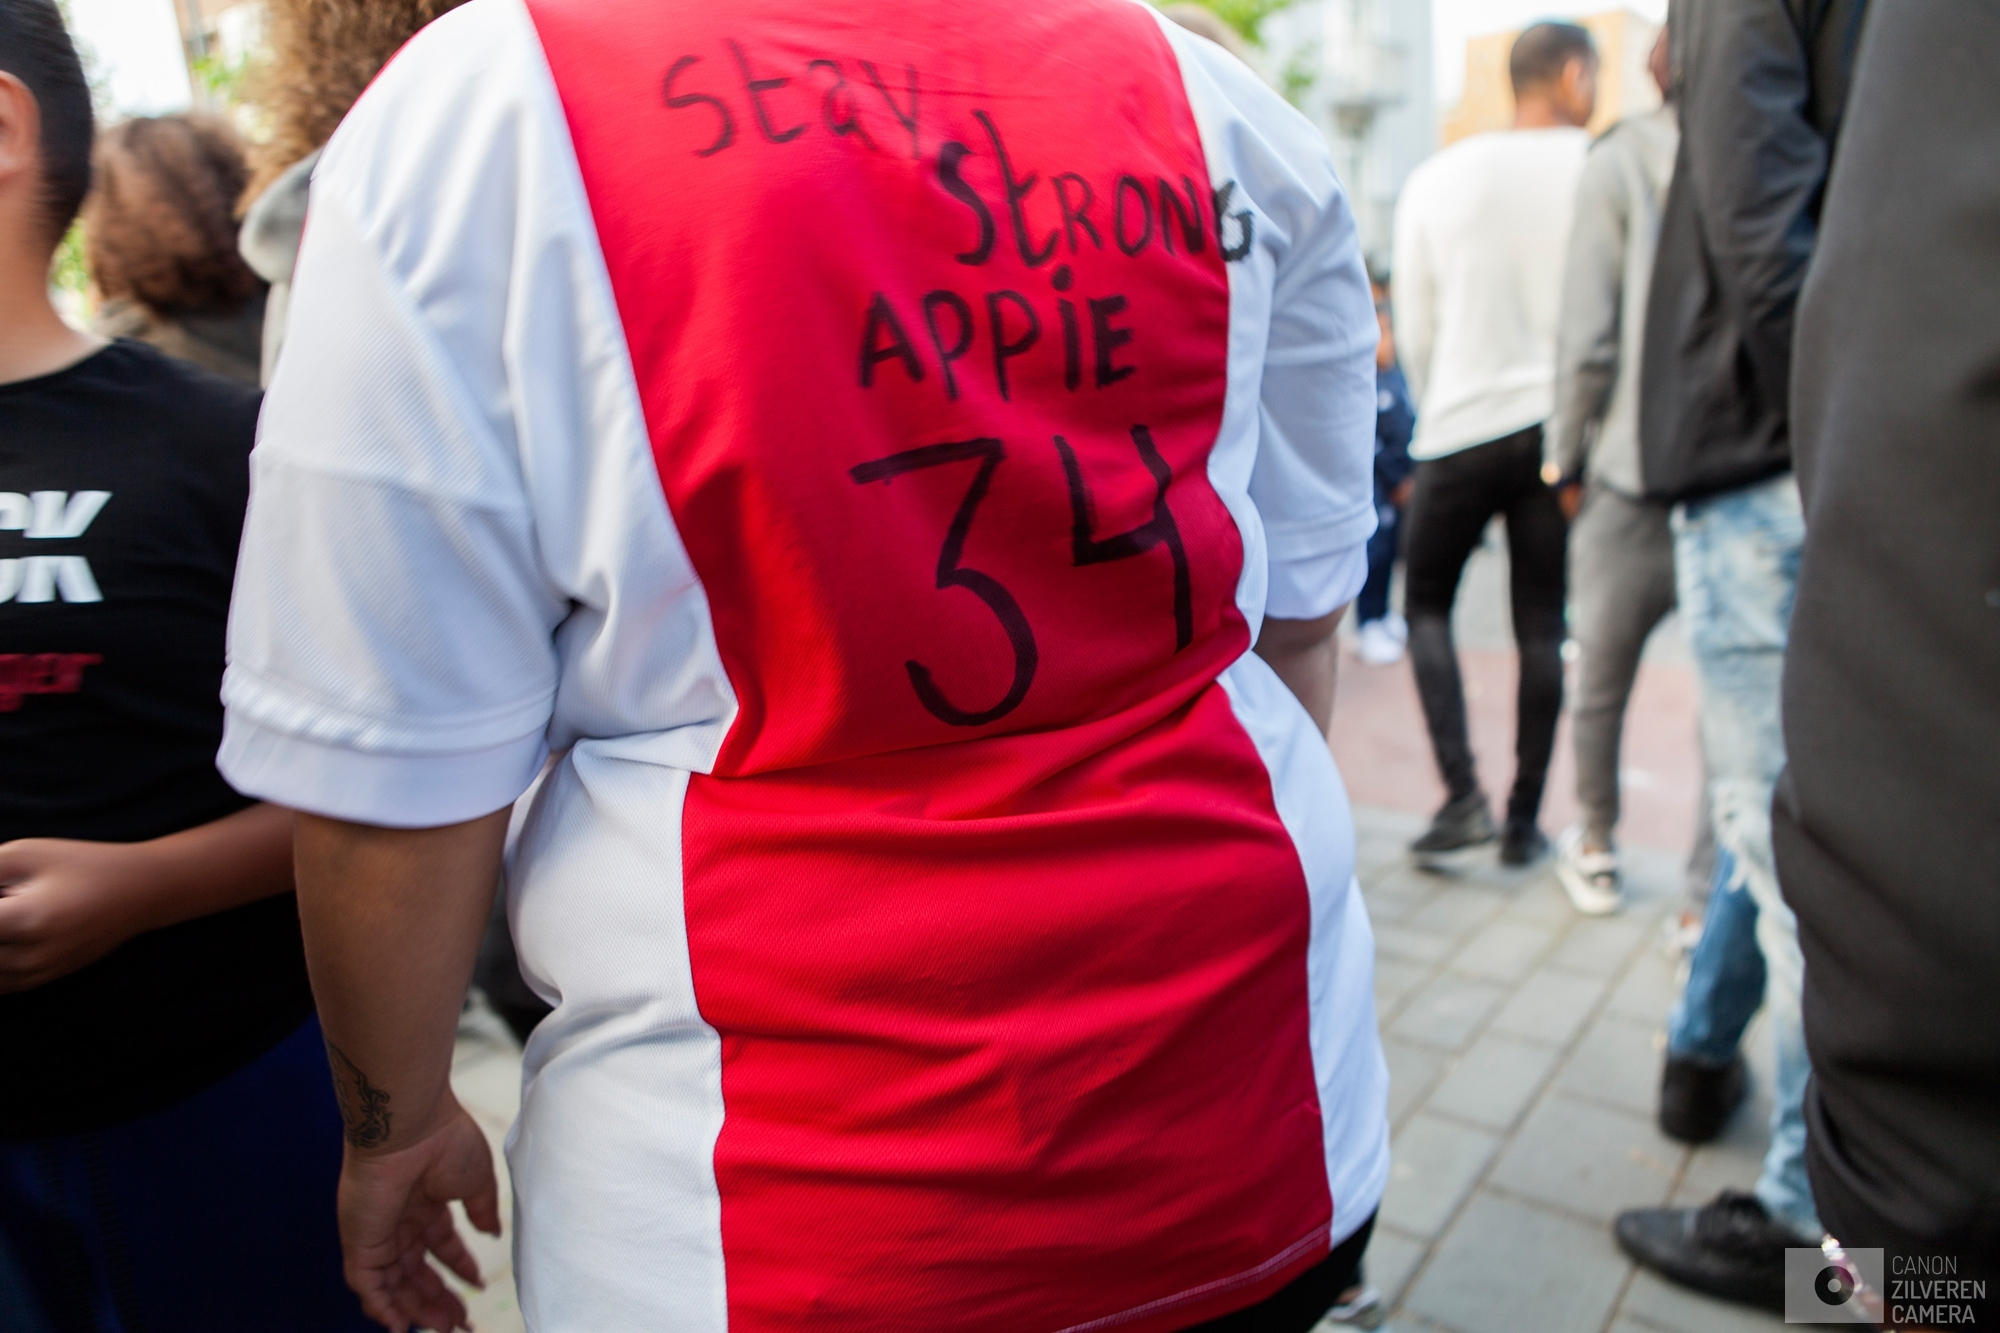 Foto 4 van 11De carrière van de talentvolle voetballer Abdelhak Nouri werd op 8 juli 2017 in de kiem gesmoord. Tijdens een oefenduel in het Oostenrijkse Zillertal werd de kleine Ajacied onwel en zakte in elkaar.Enkele dagen later werd bekend dat hij blijvende en ernstige hersenschade had opgelopen.De golf van collectief verdriet die toen door (voetballend) Nederland trok liet geen ruimte voor rivaliteit maar zorgde voor verbroedering om te bidden voor een zo'n positief mogelijke afloop voor Abdelhak.